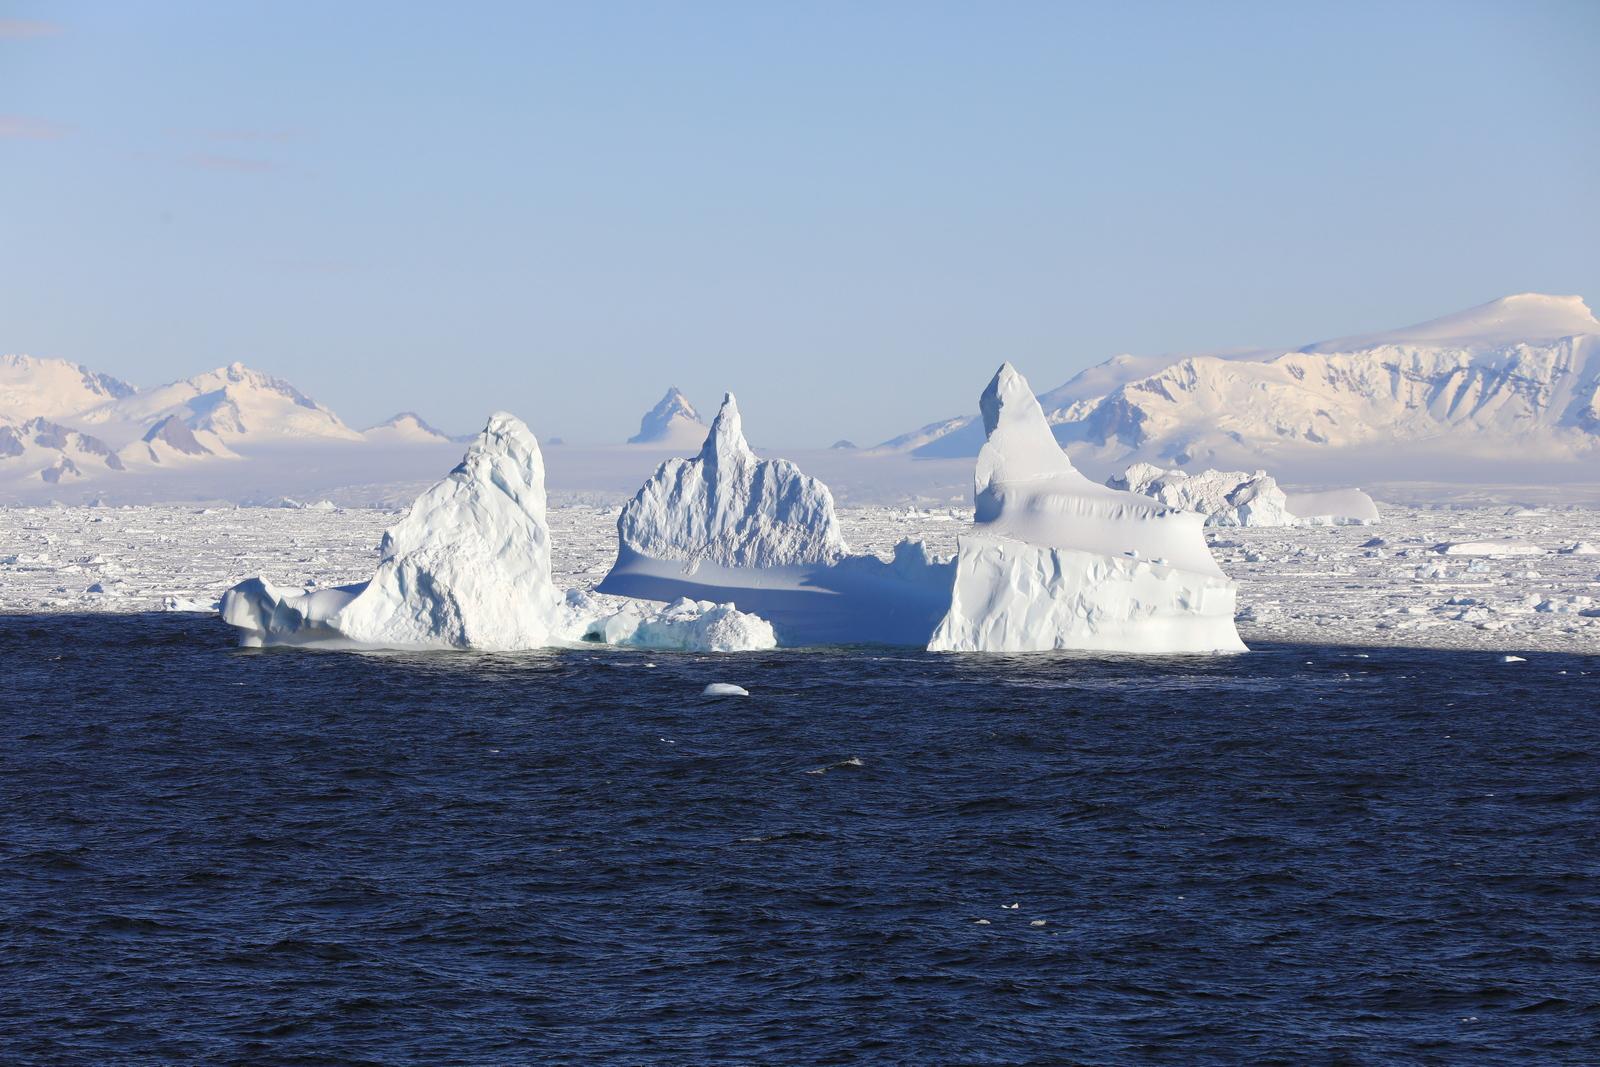 1702_Antarctique_02870_c_sm.jpg